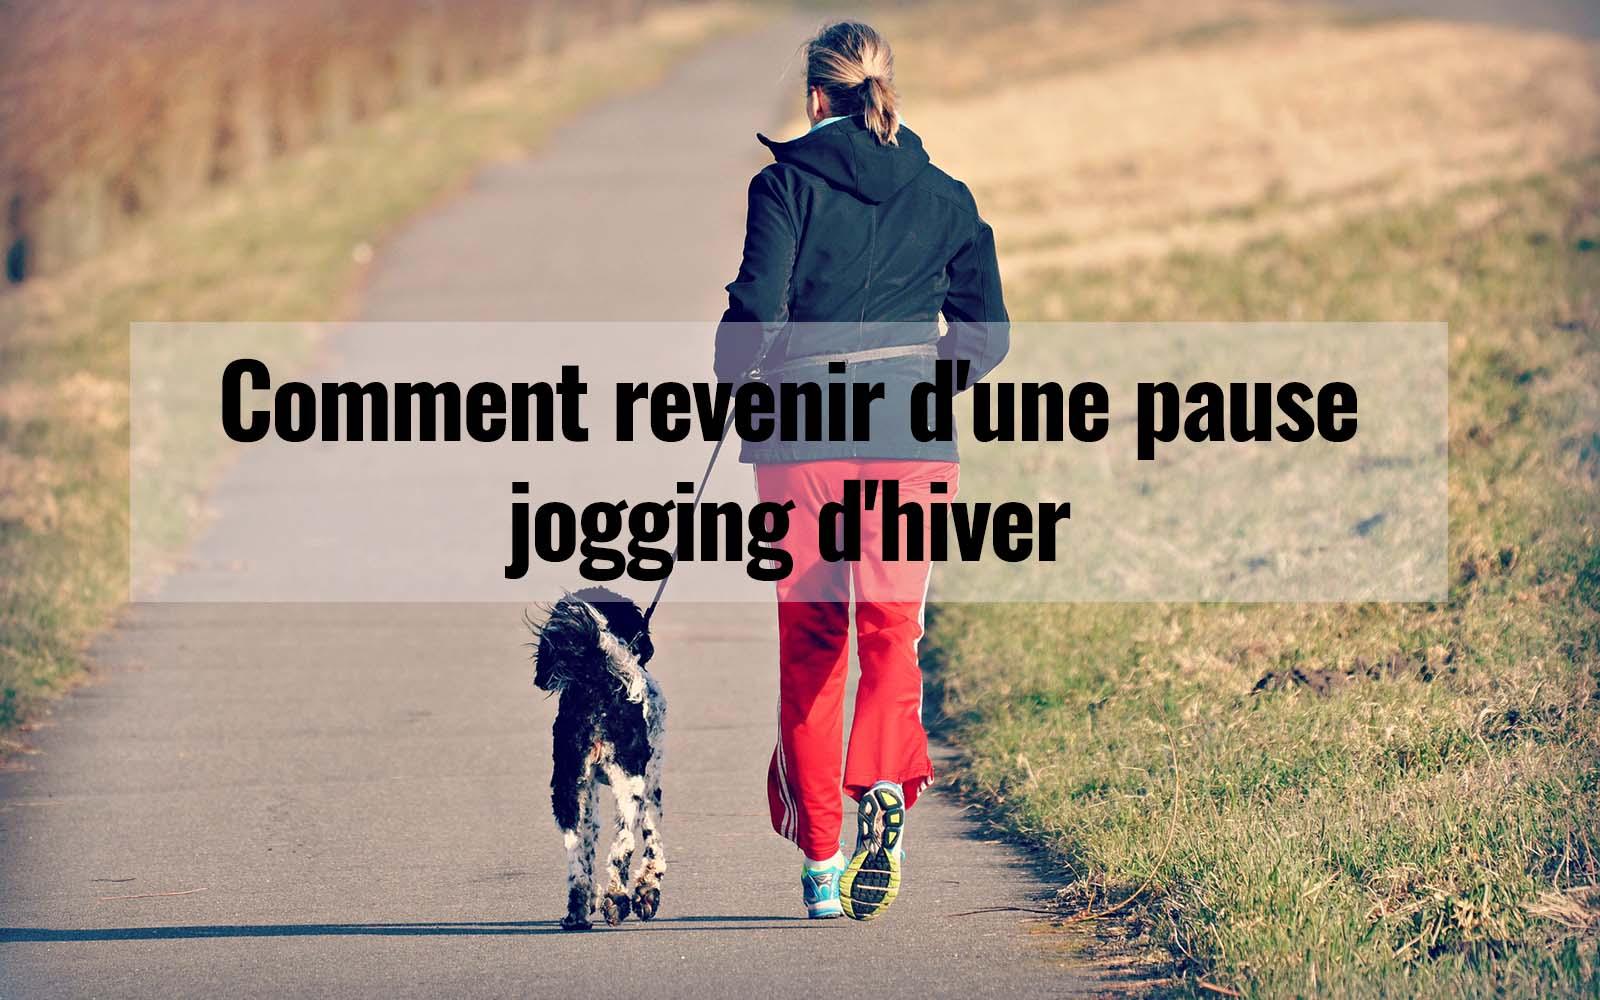 Comment revenir d'une pause jogging d'hiver